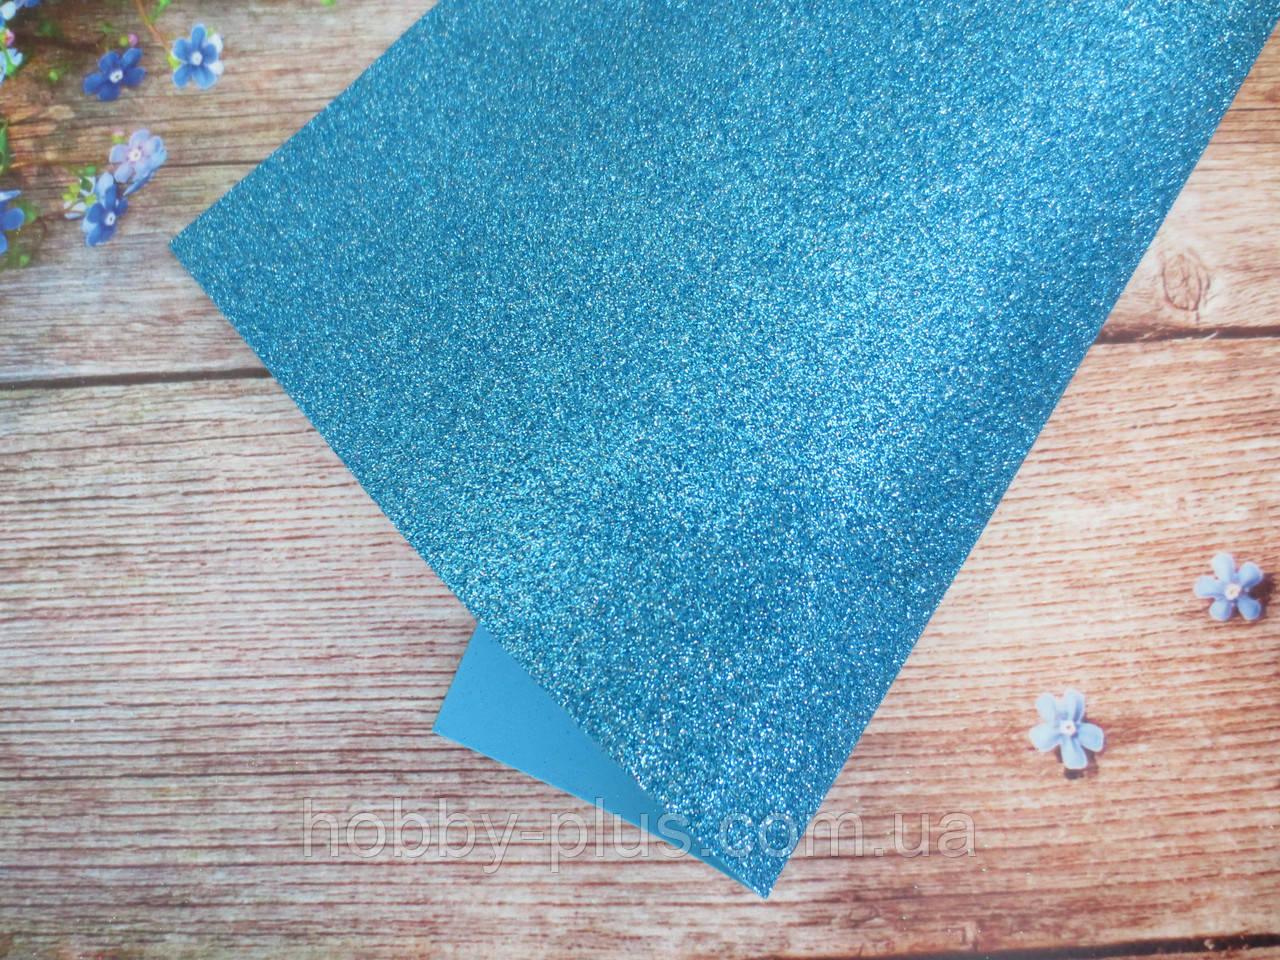 Фоамиран глиттерный 1,6 мм, 20x30 см, Китай, ГОЛУБОЙ